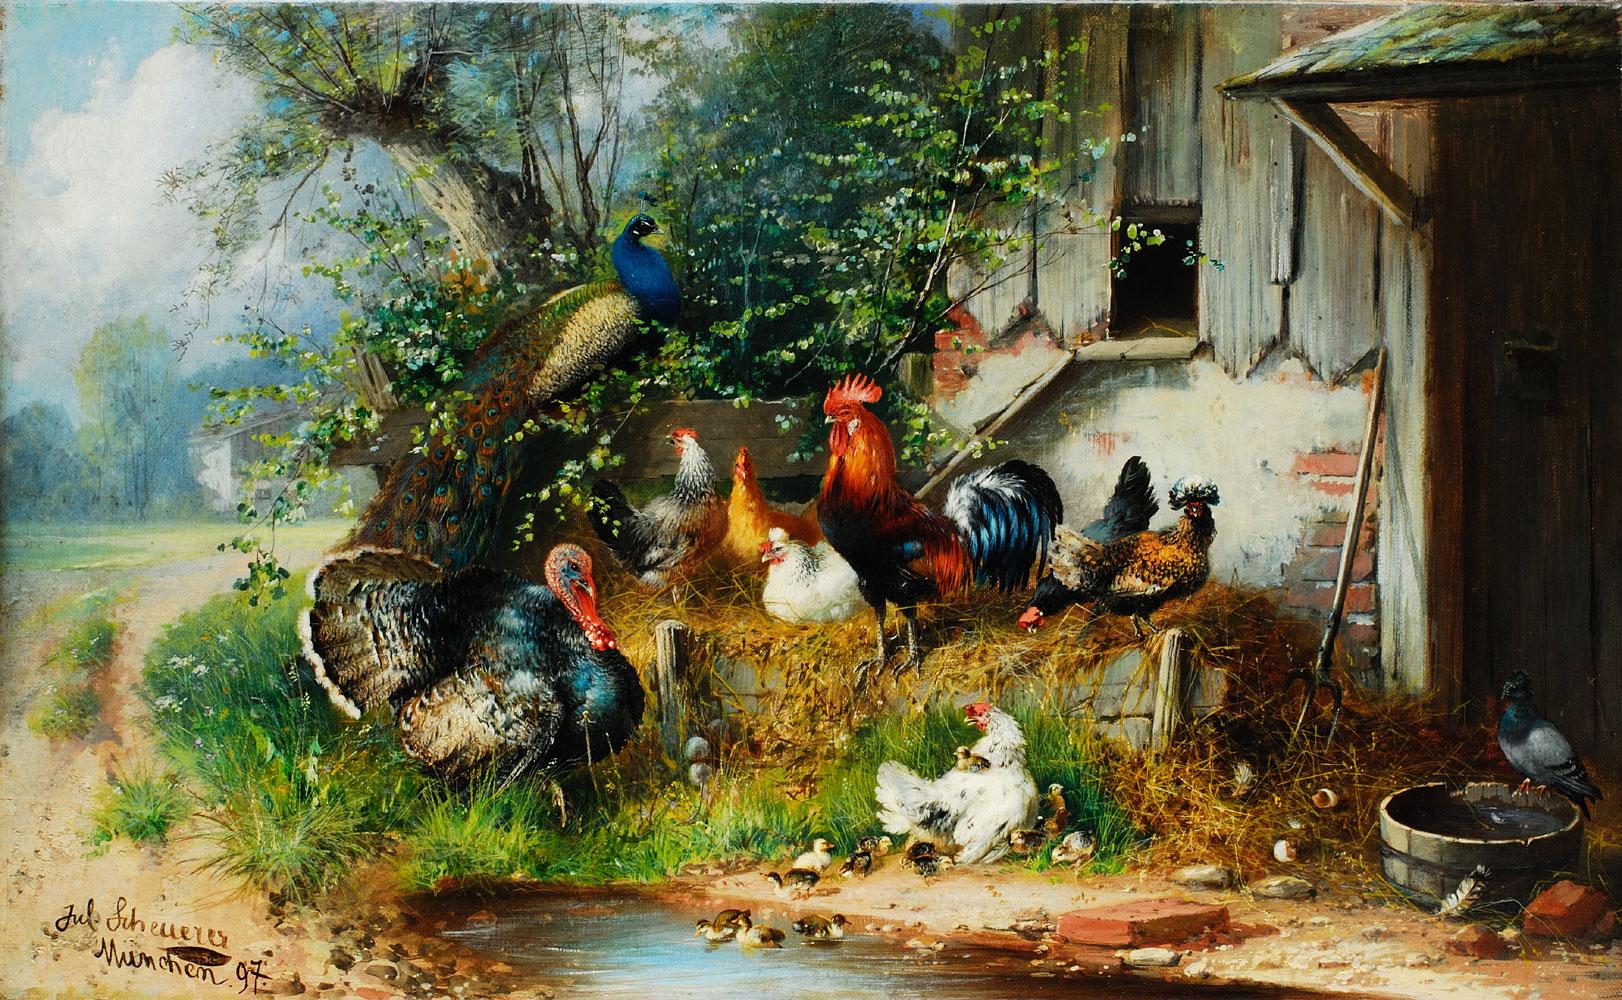 Julius Scheuerer 1859 - 1913